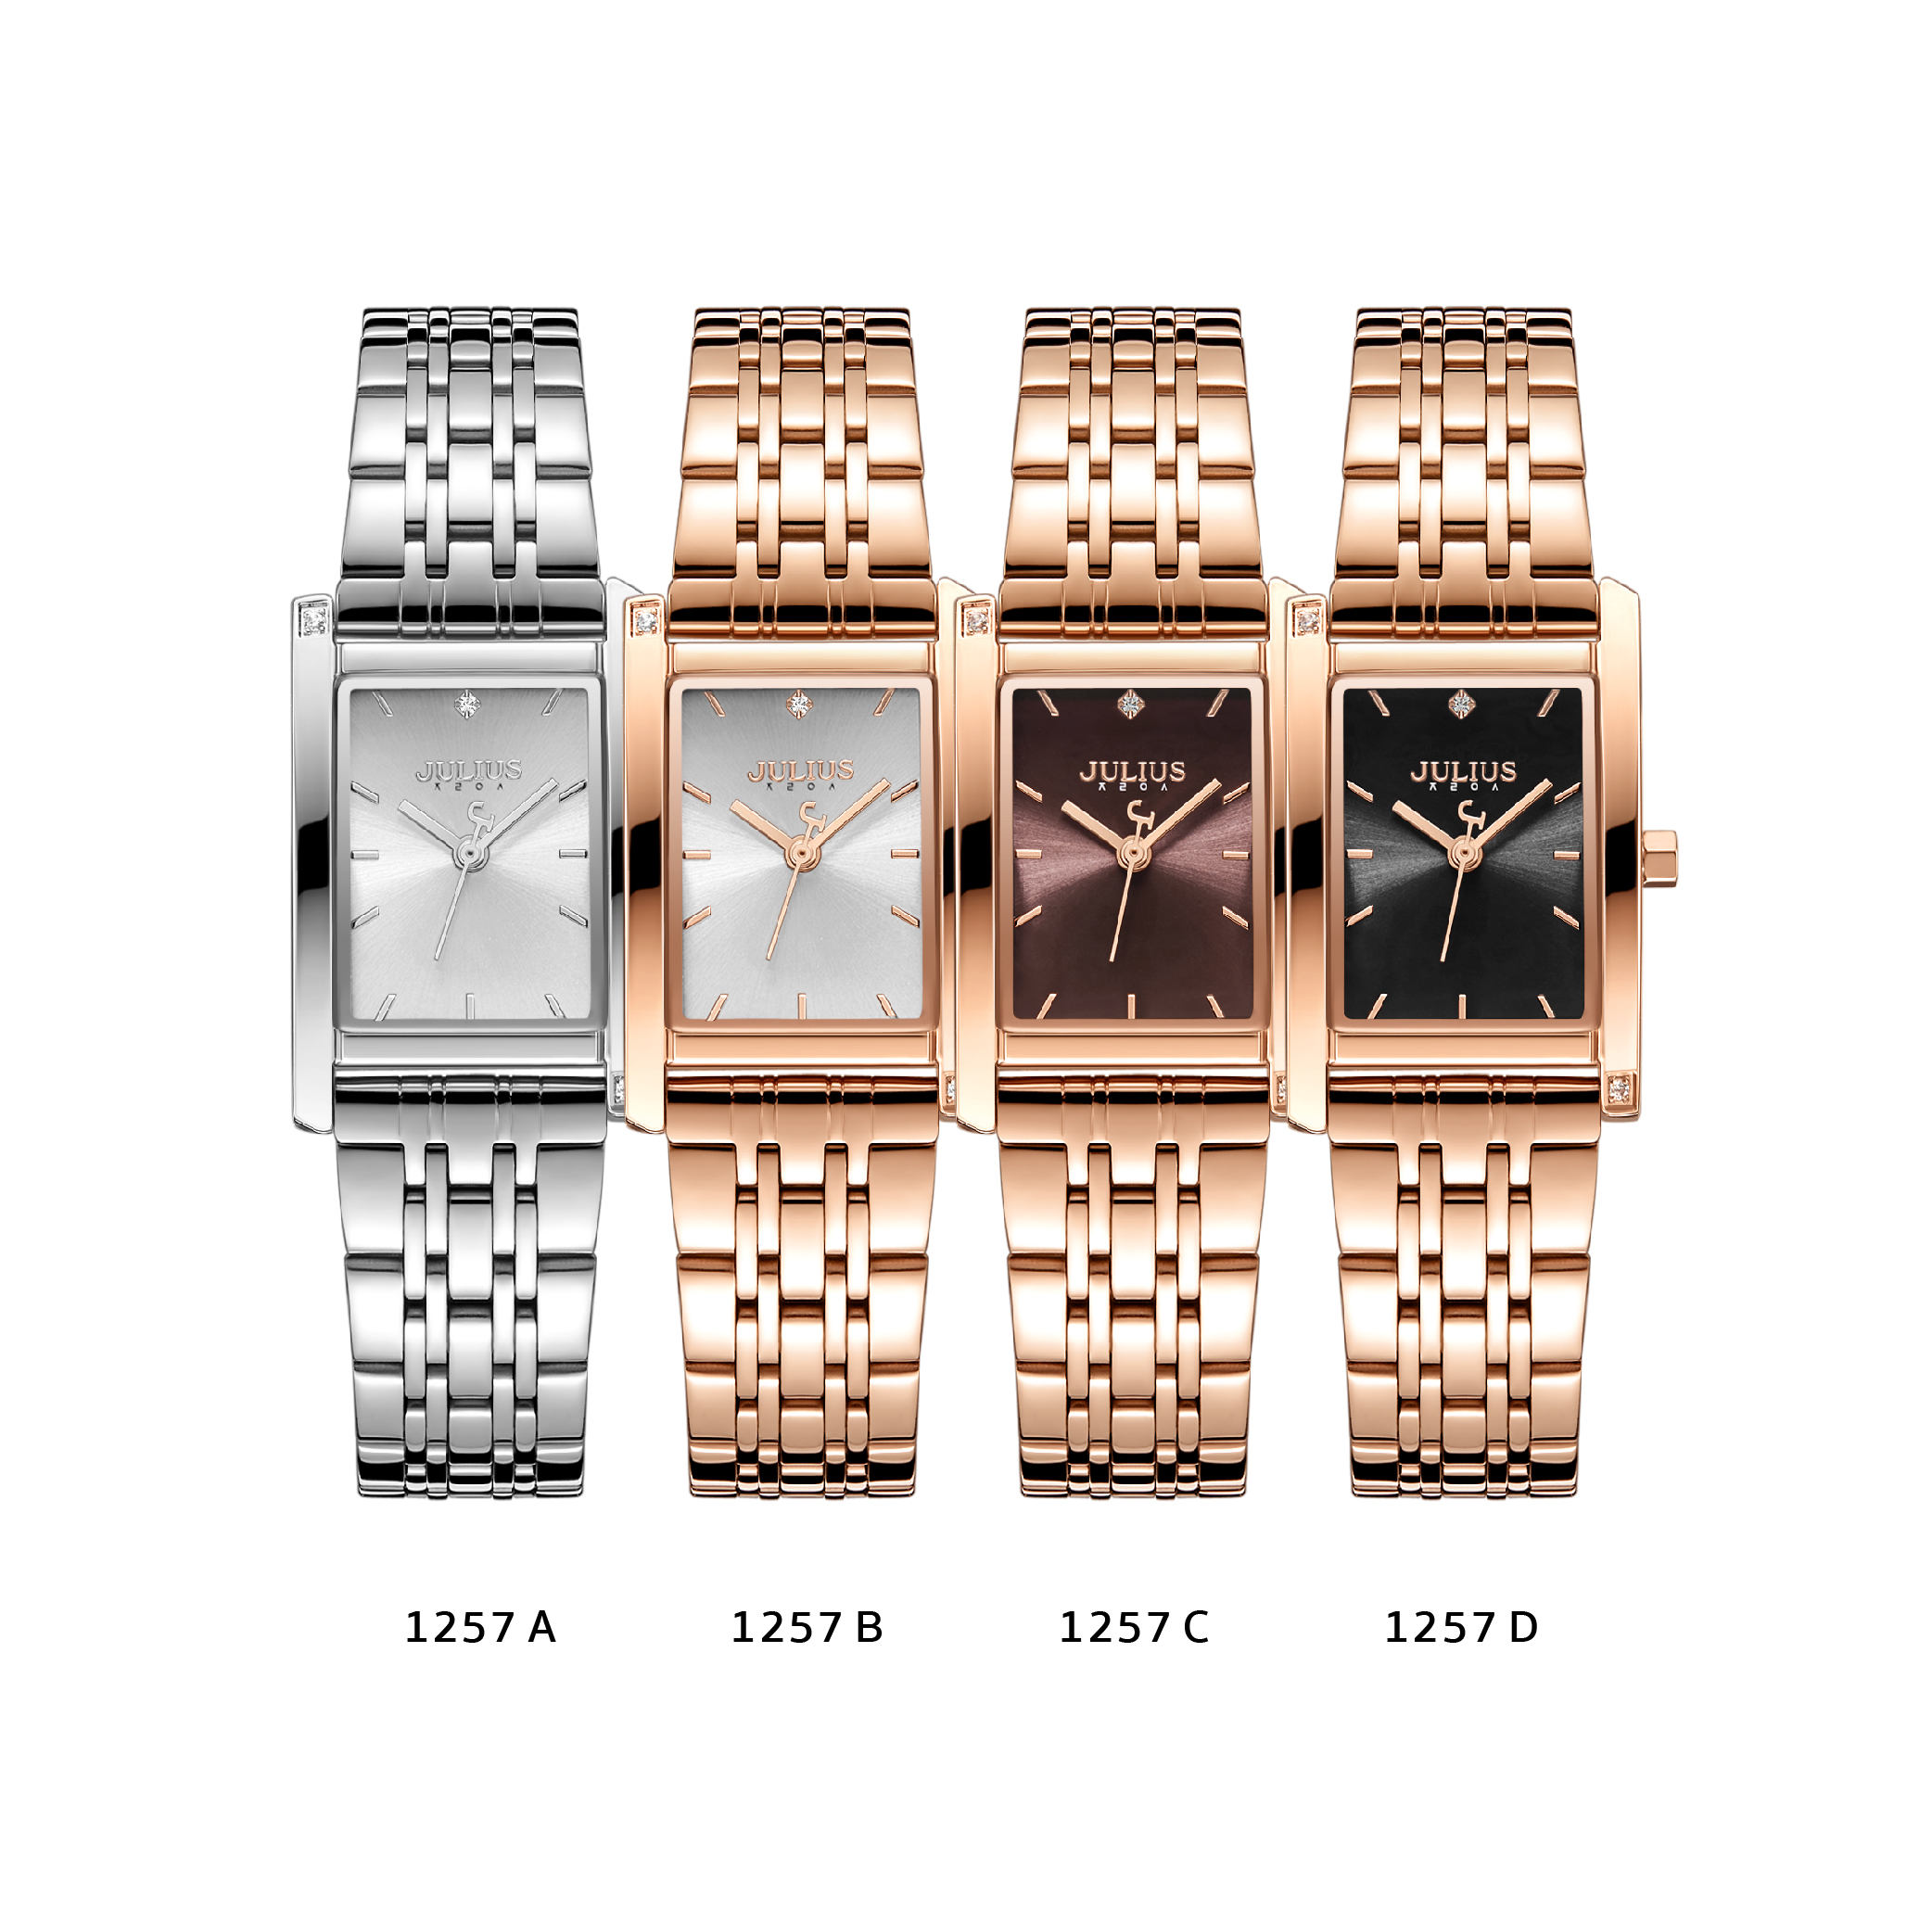 นาฬิกาข้อมือผู้หญิง JULIUS JA-1257 B